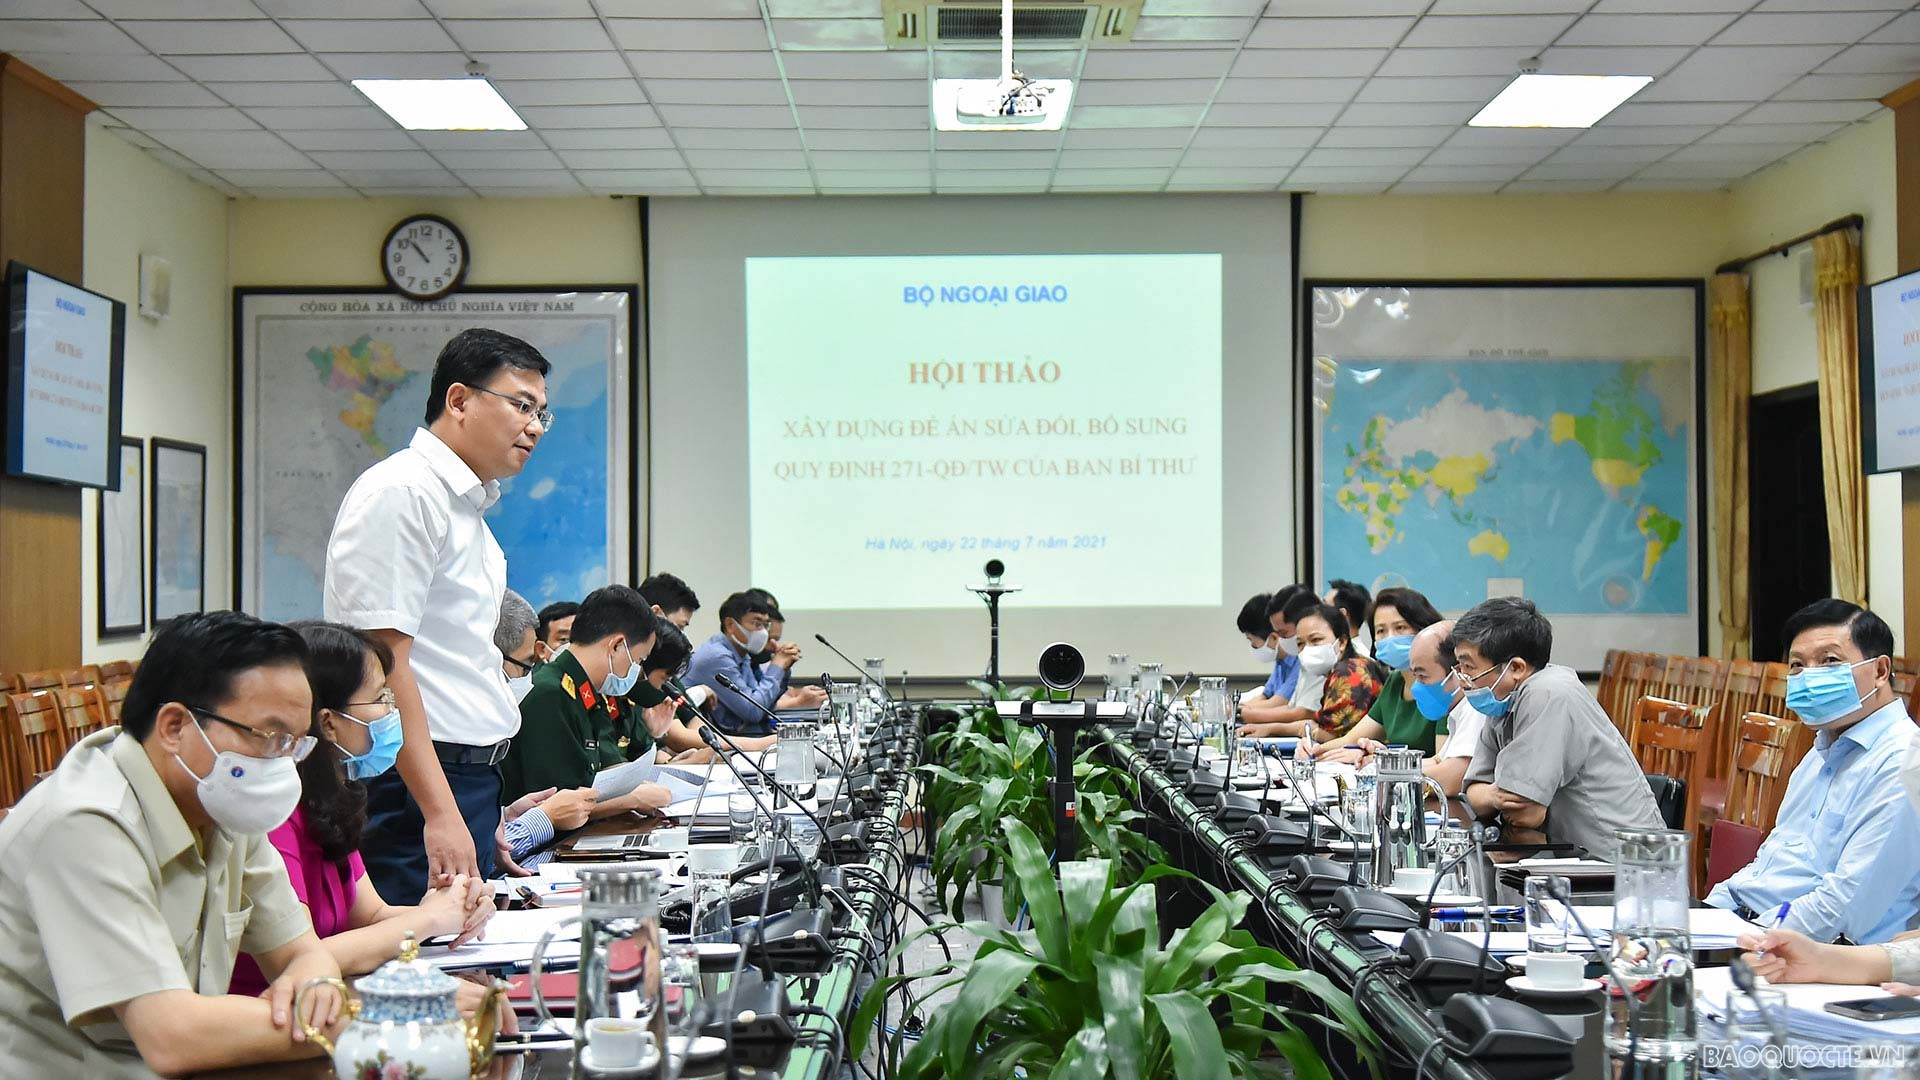 Hội thảo góp ý Đề án sửa đổi, bổ sung Quy định 271 của Ban Bí thư